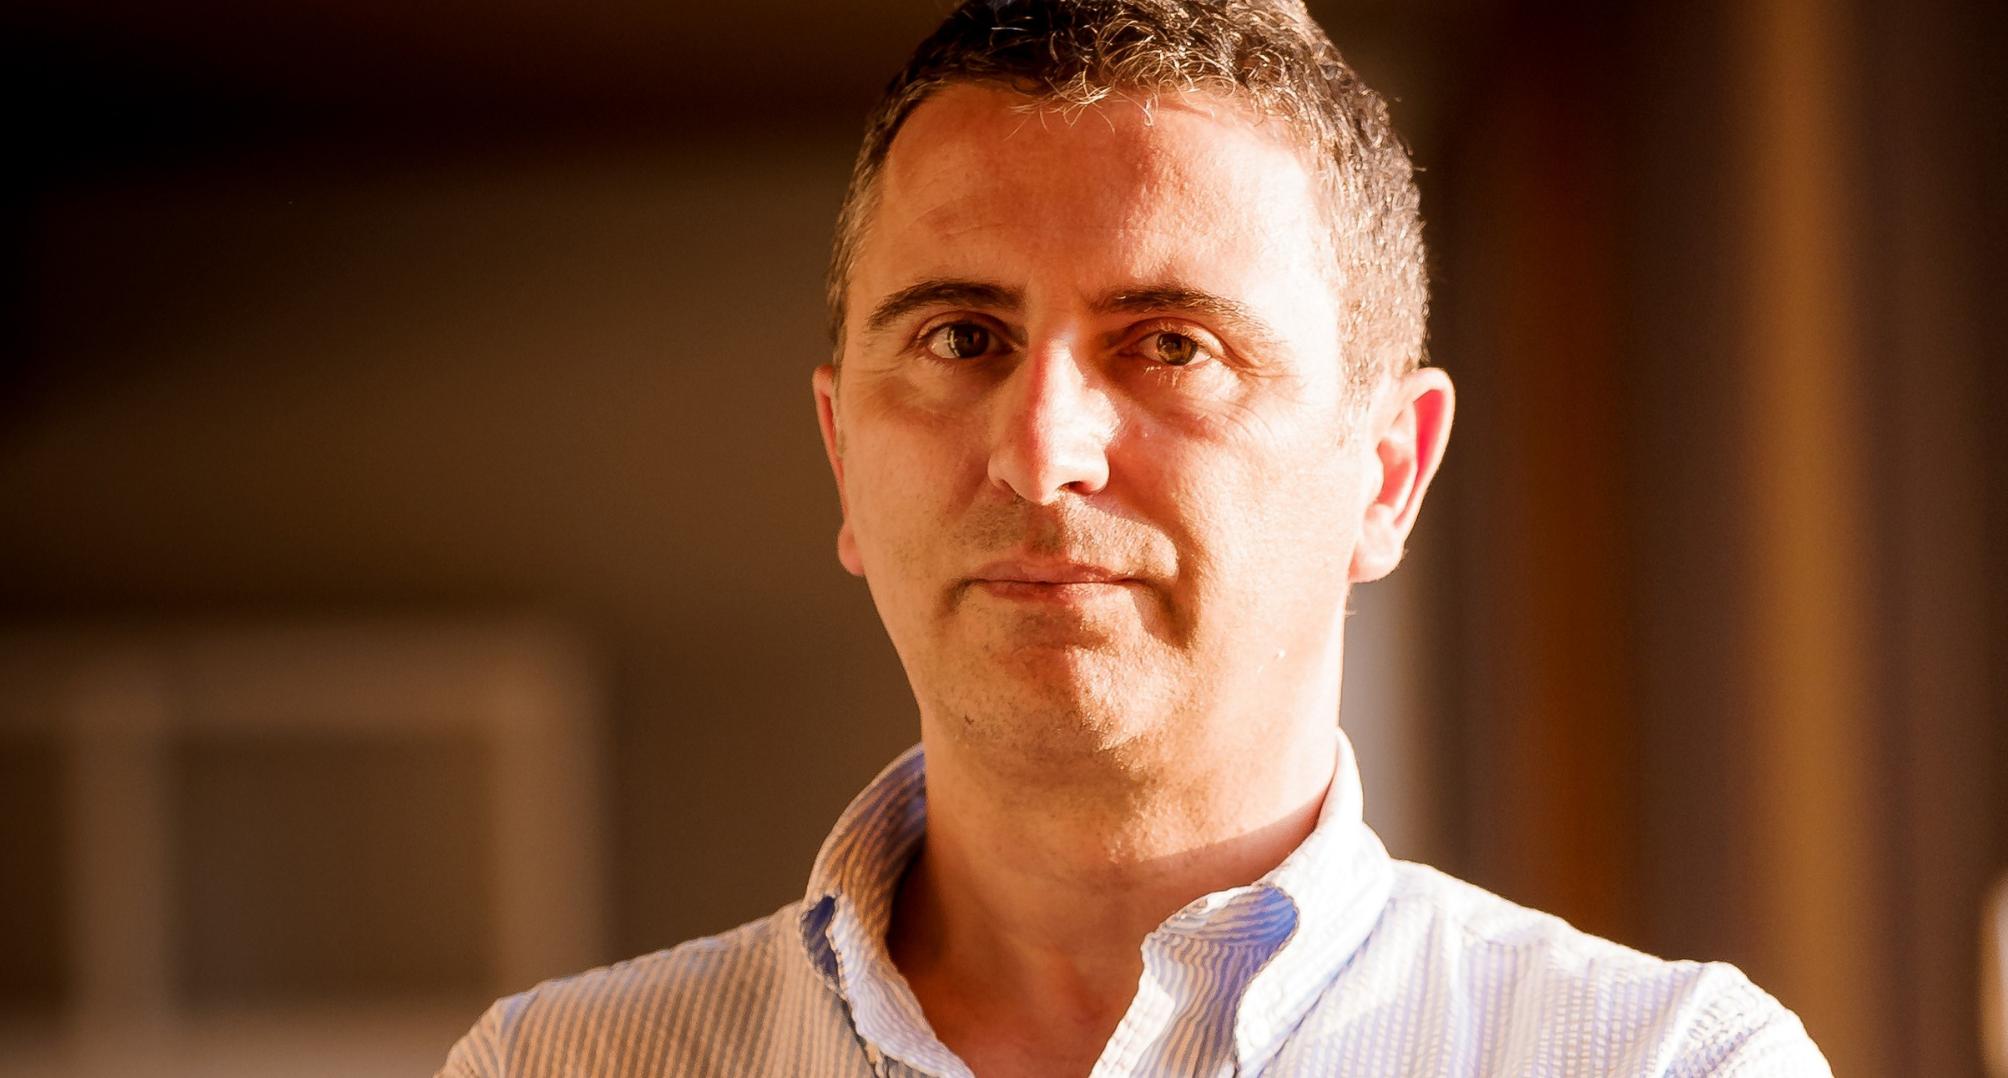 Diamo il benvenuto a Sergio Amati, nuovo Direttore Generale di IAB Italia!